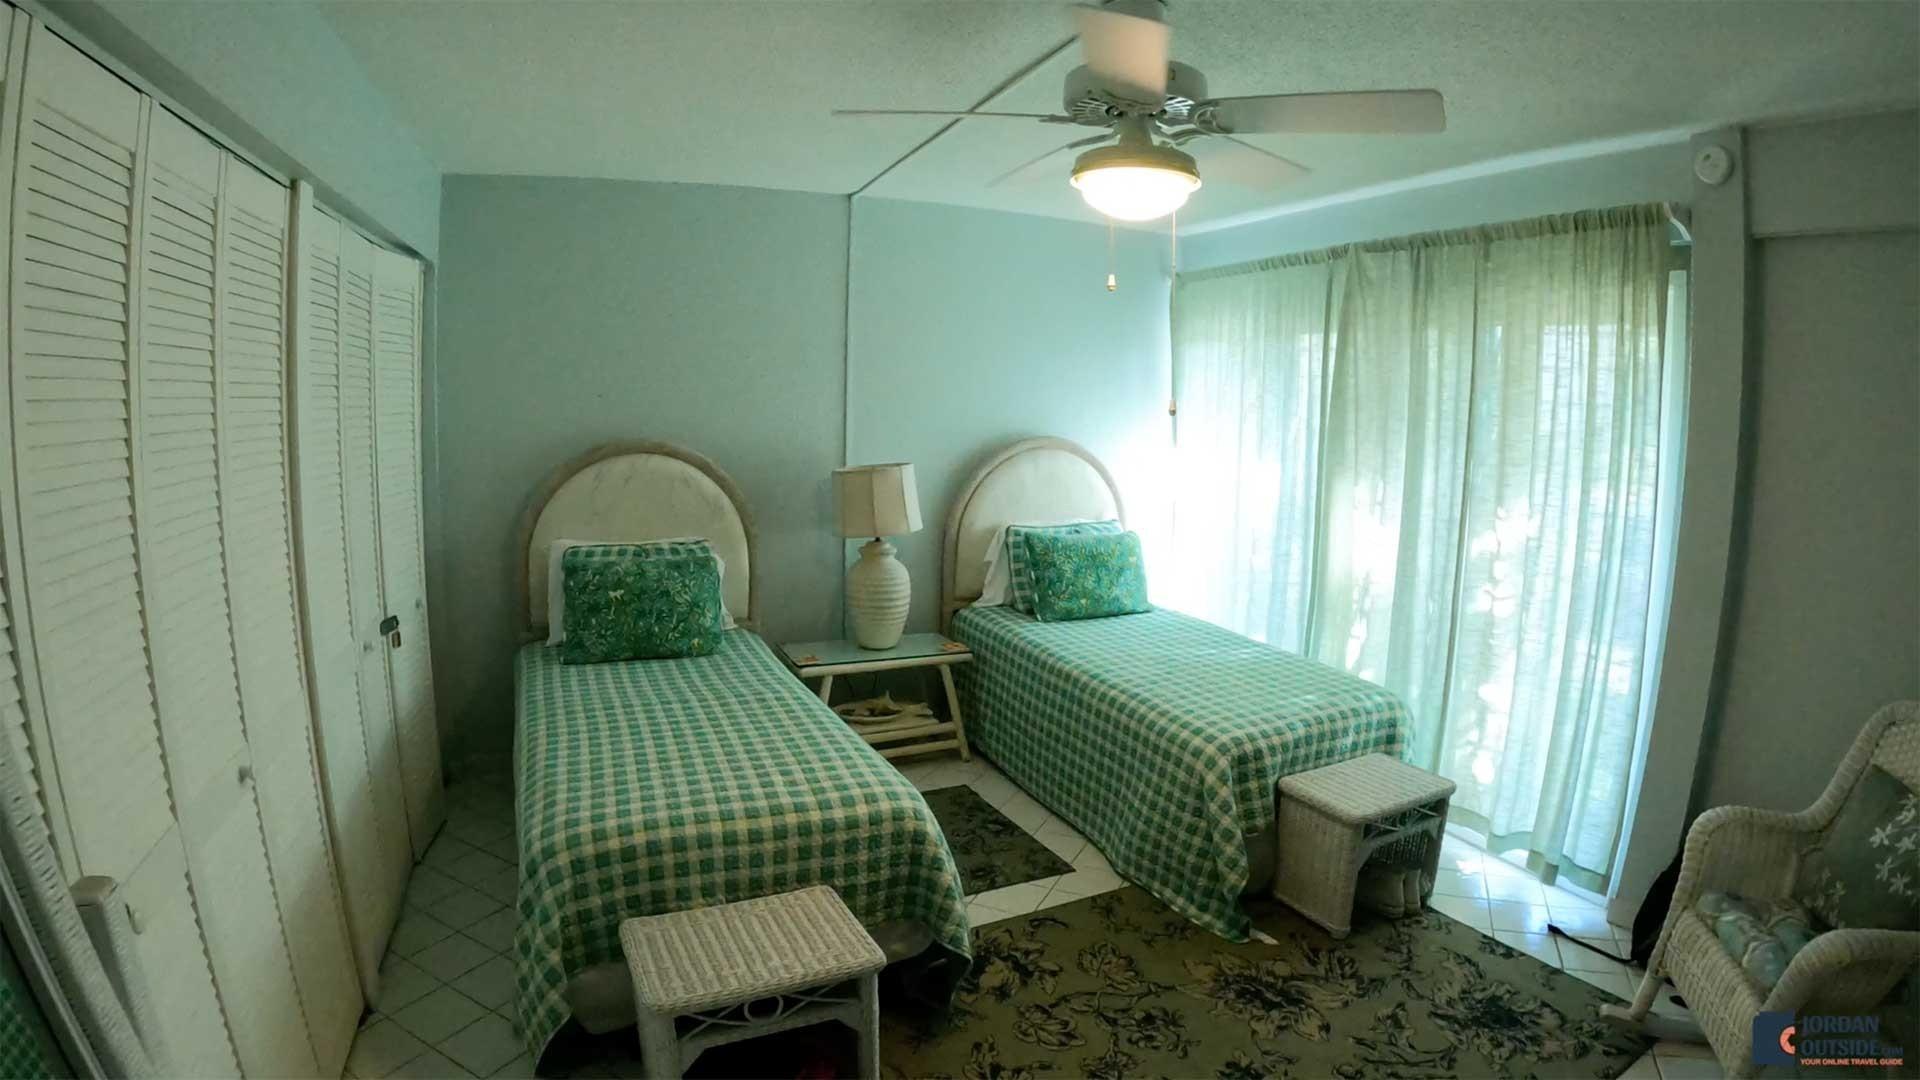 Guest Bedroom at Sugar Beach Condos Unit 207